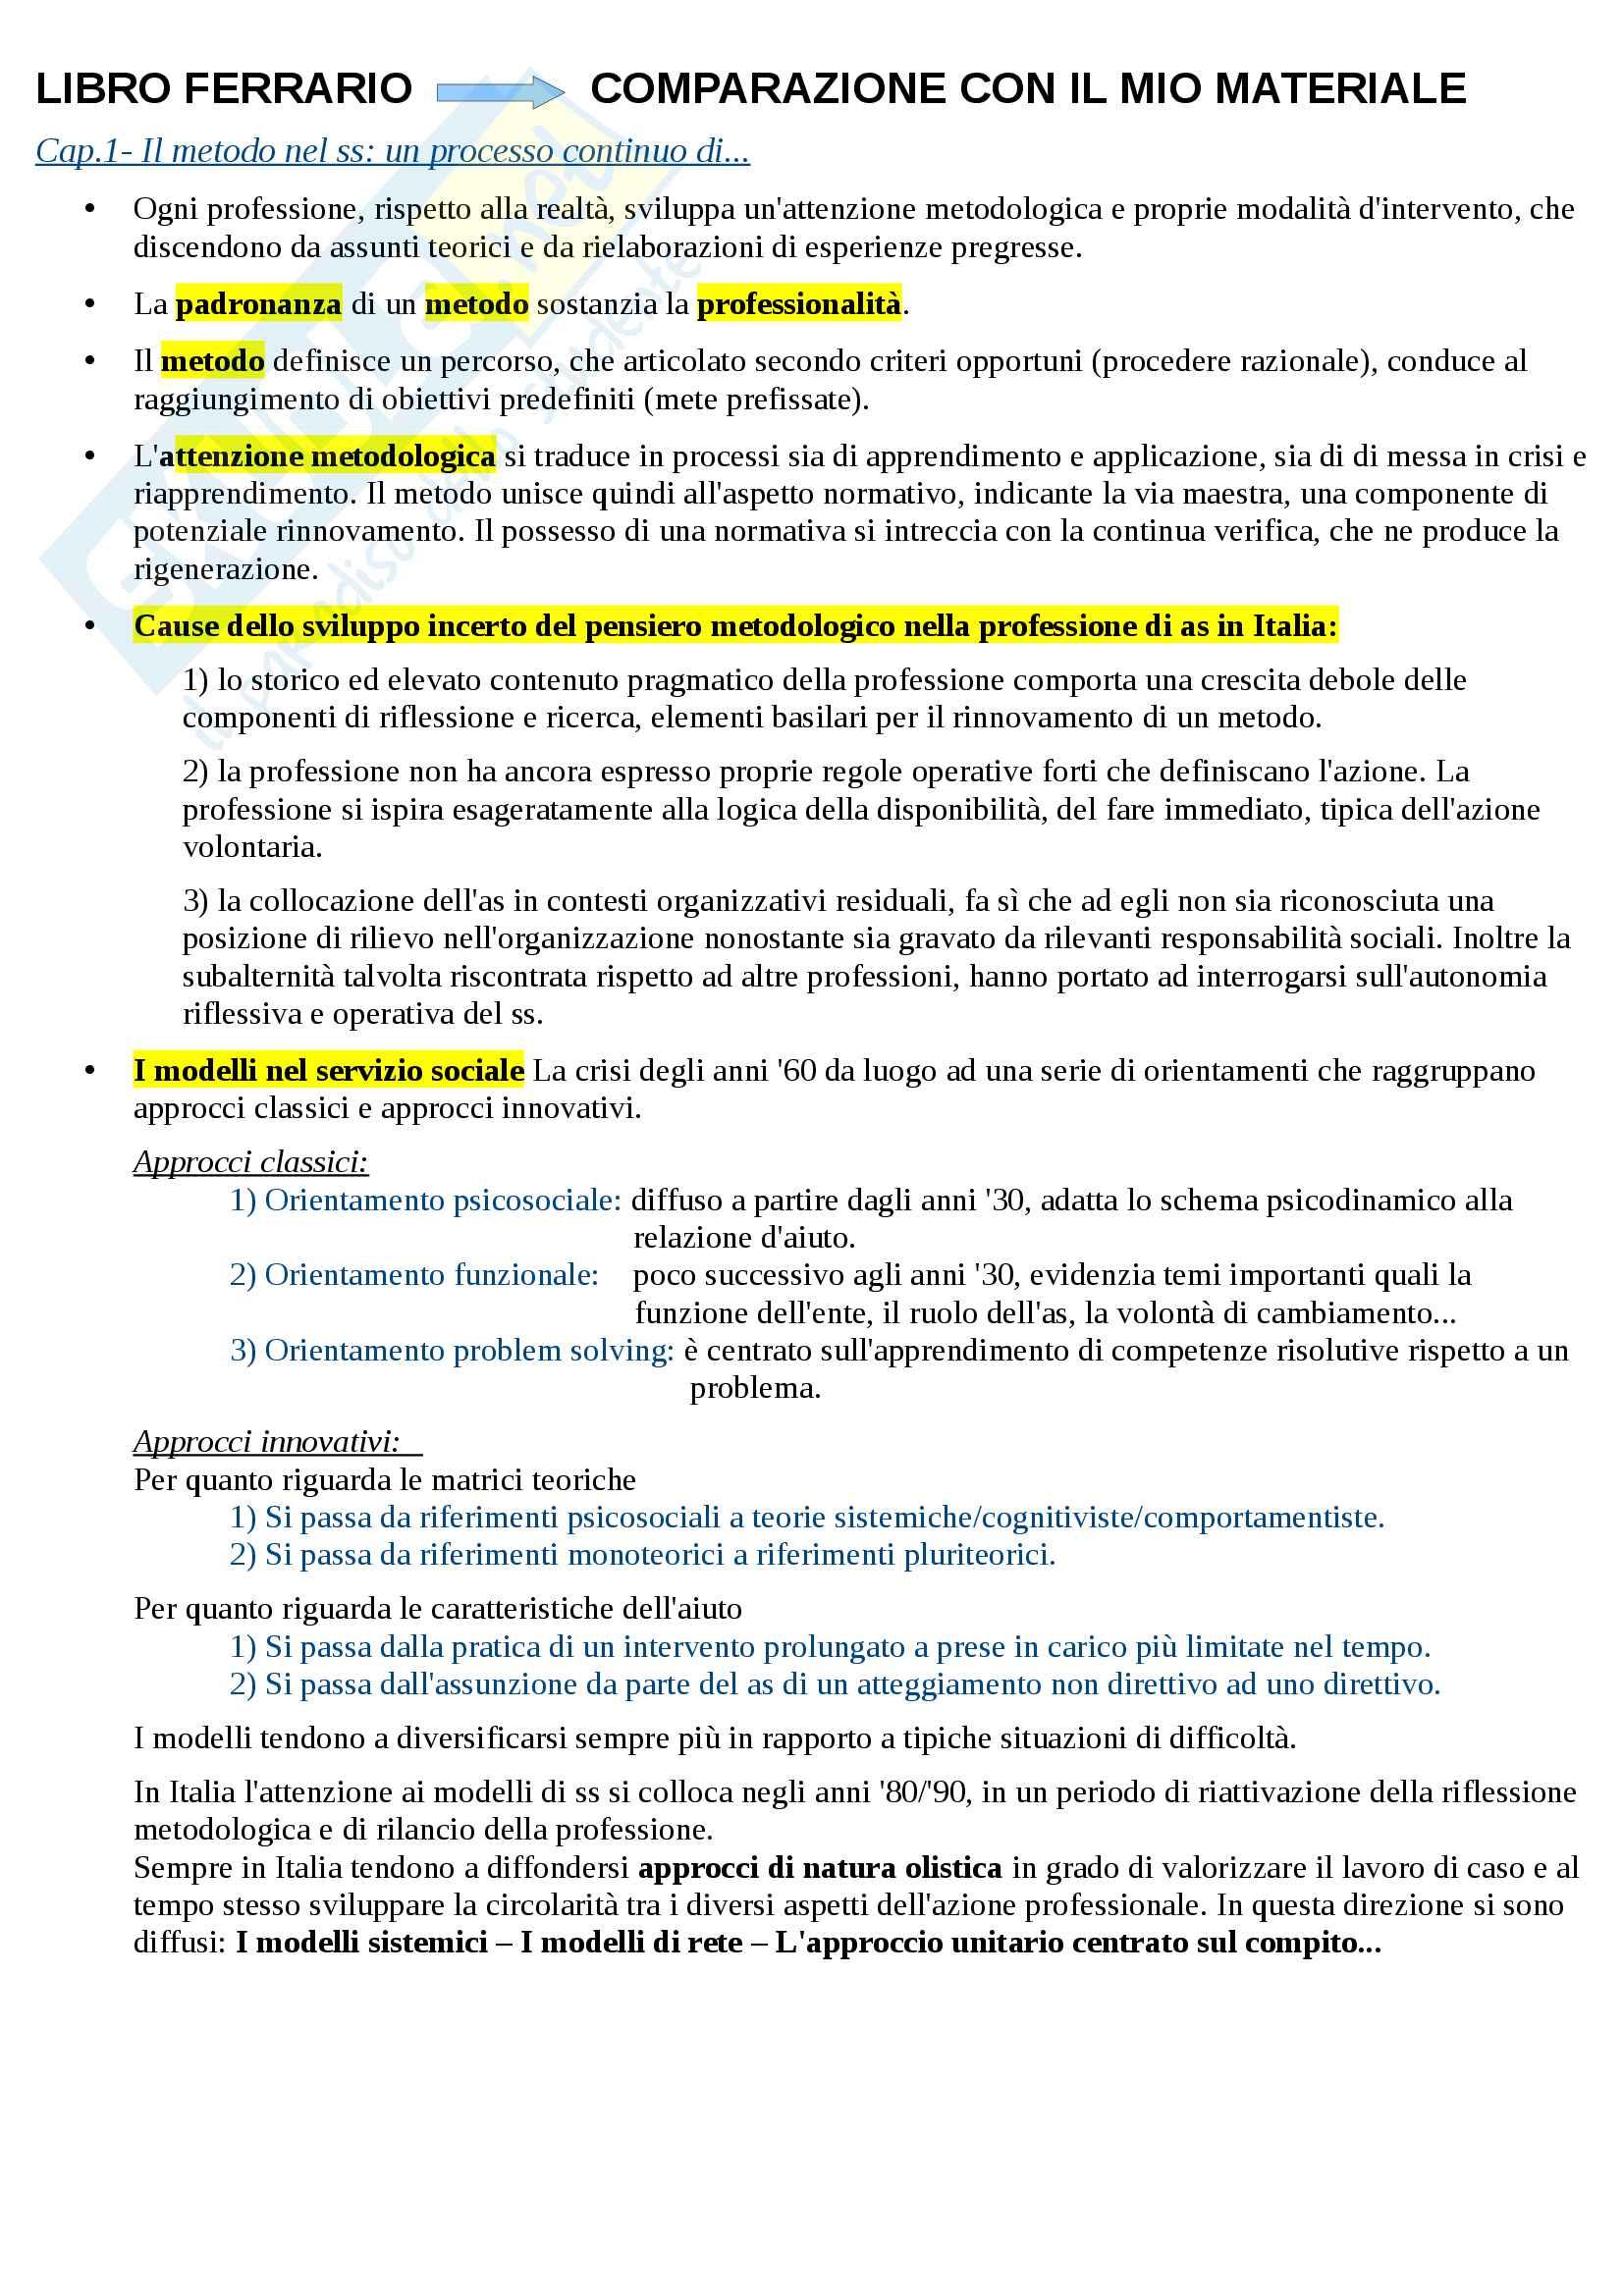 Riassunto esame Metodi e Tecniche del servizio sociale, libro consigliato Le dimensioni dell'intervento sociale, Ferrario